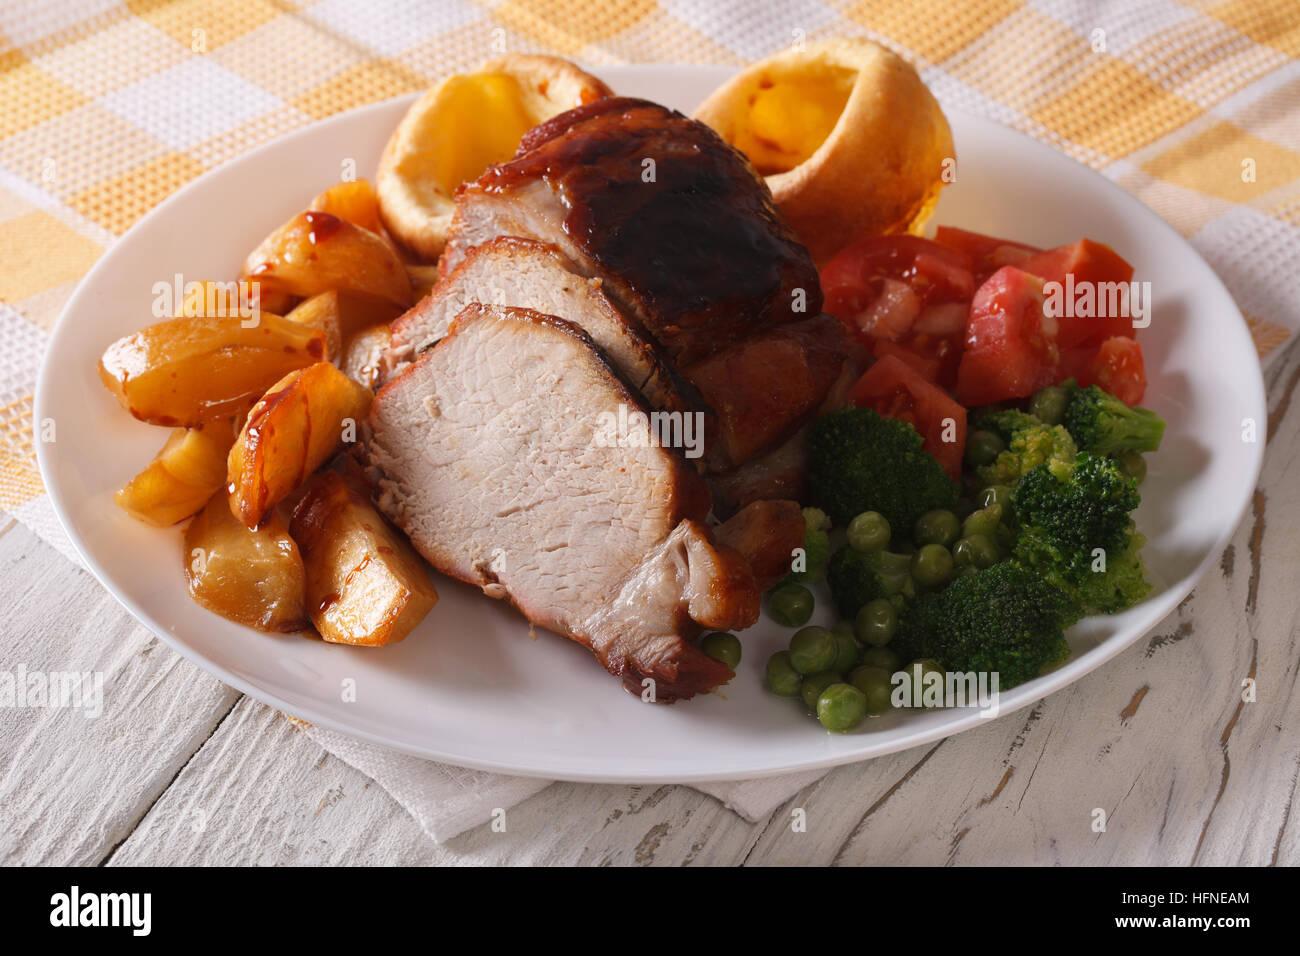 Le rôti du dimanche: porc aux pommes de terre, de légumes et de Yorkshire pudding gros plan sur Photo Stock